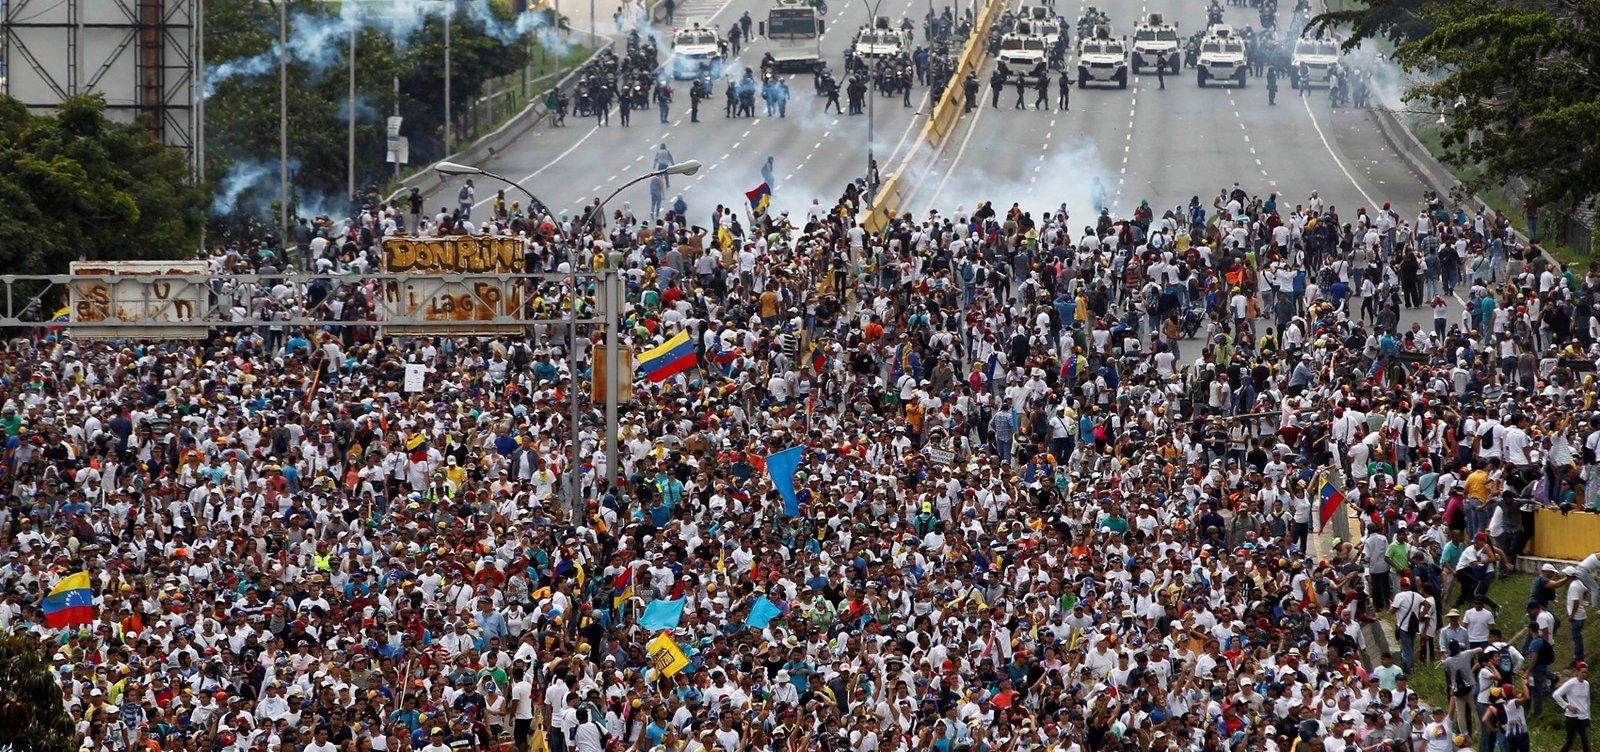 [Sobe para cinco número de mortos em protestos na Venezuela, diz ONU]